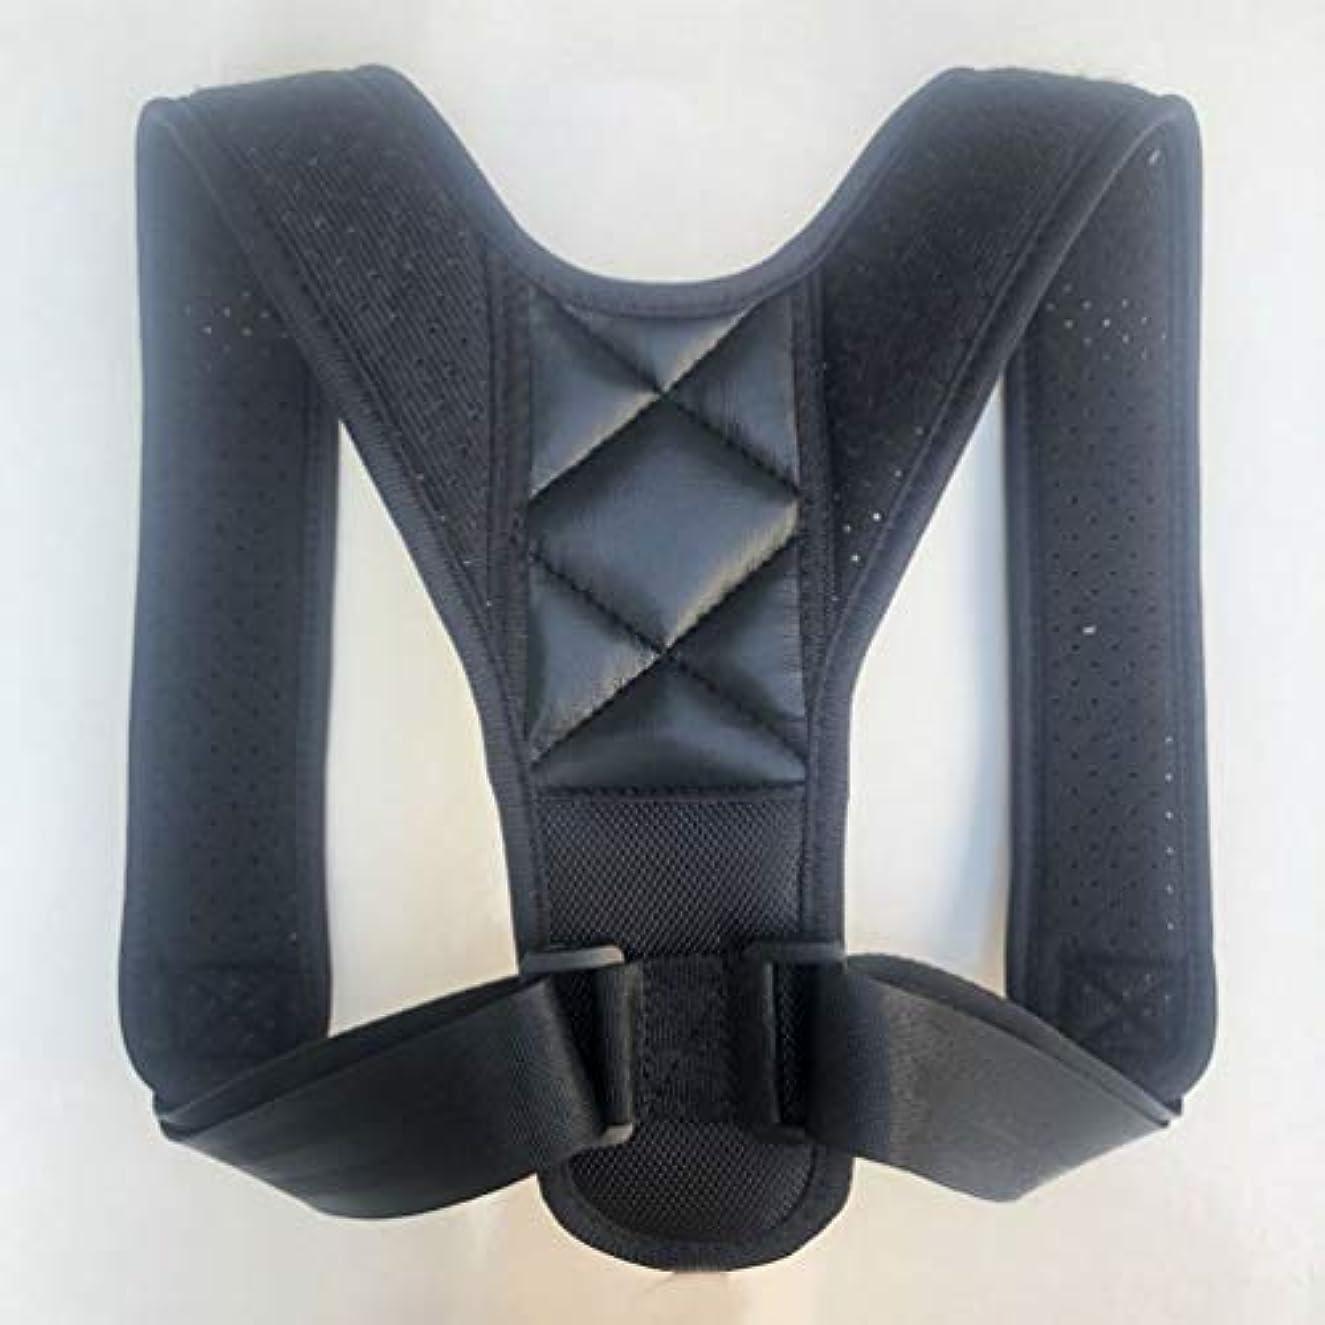 フィールドスリルベッドを作るアッパーバックポスチャーコレクター姿勢鎖骨サポートコレクターバックストレートショルダーブレースストラップコレクター - ブラック